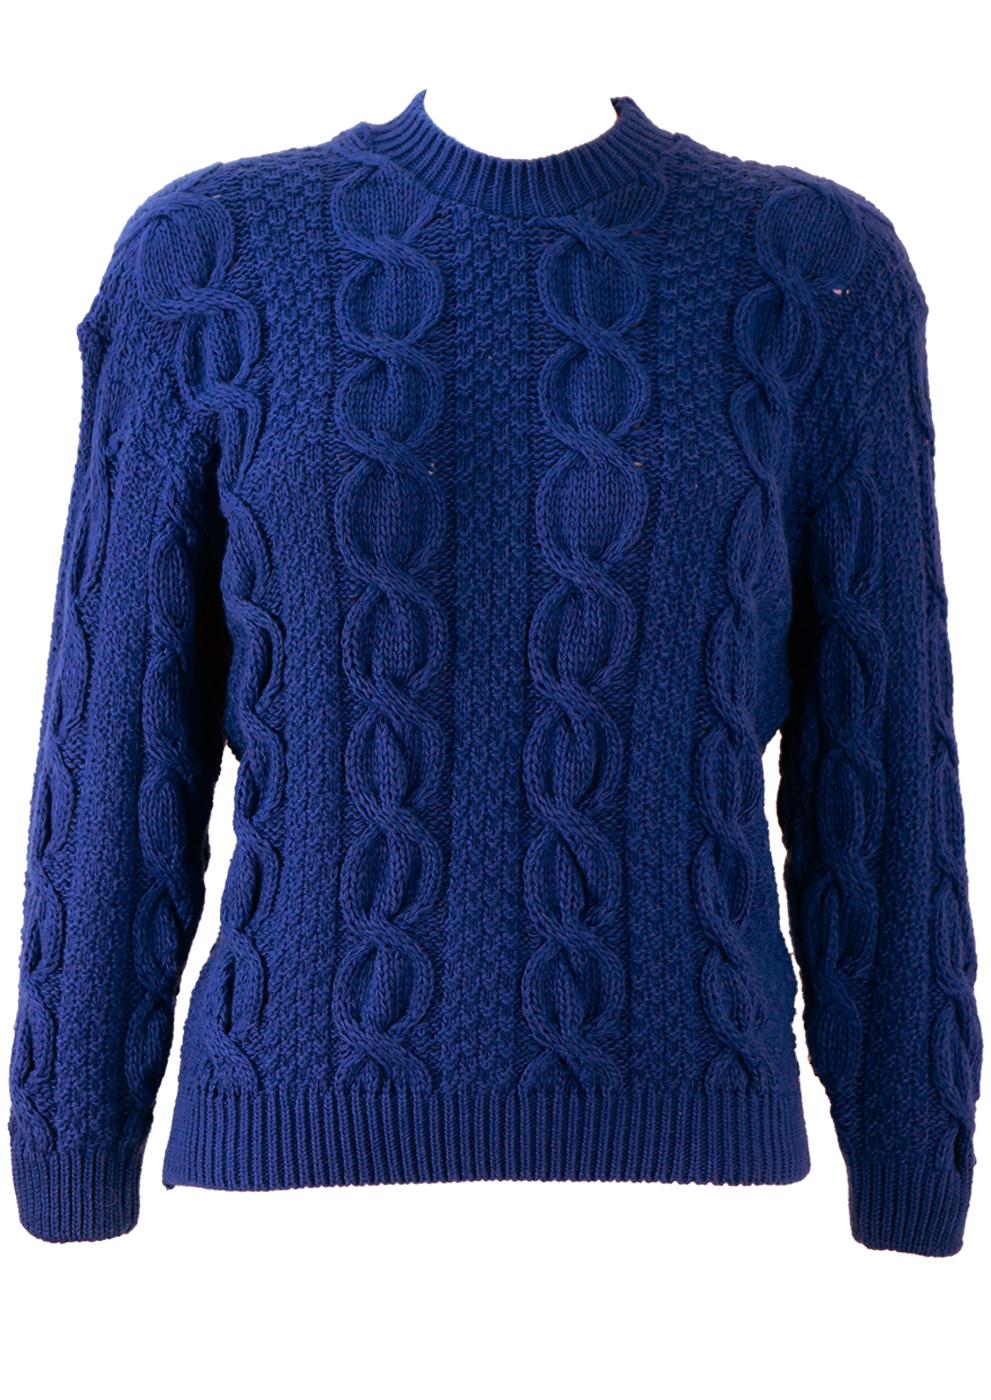 8e59a2380160c3 Bright Blue Cable Knit Jumper – S